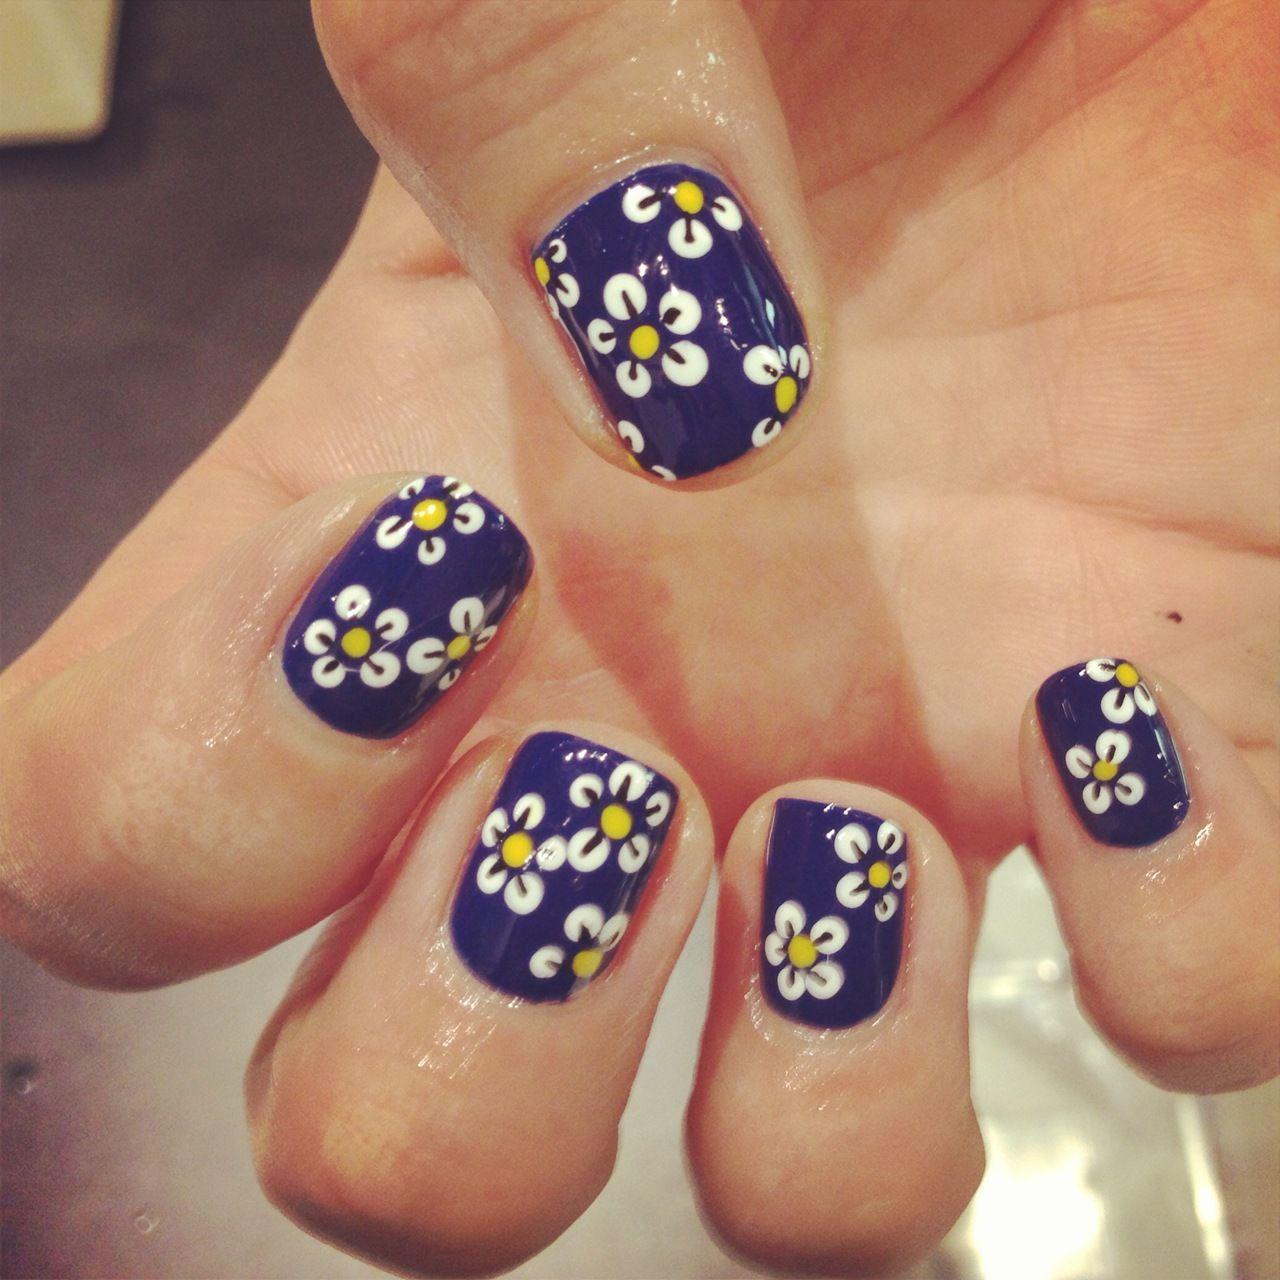 Daisies by Wah gurl Ebony #wahnails #nailart #daisies | Nails ...